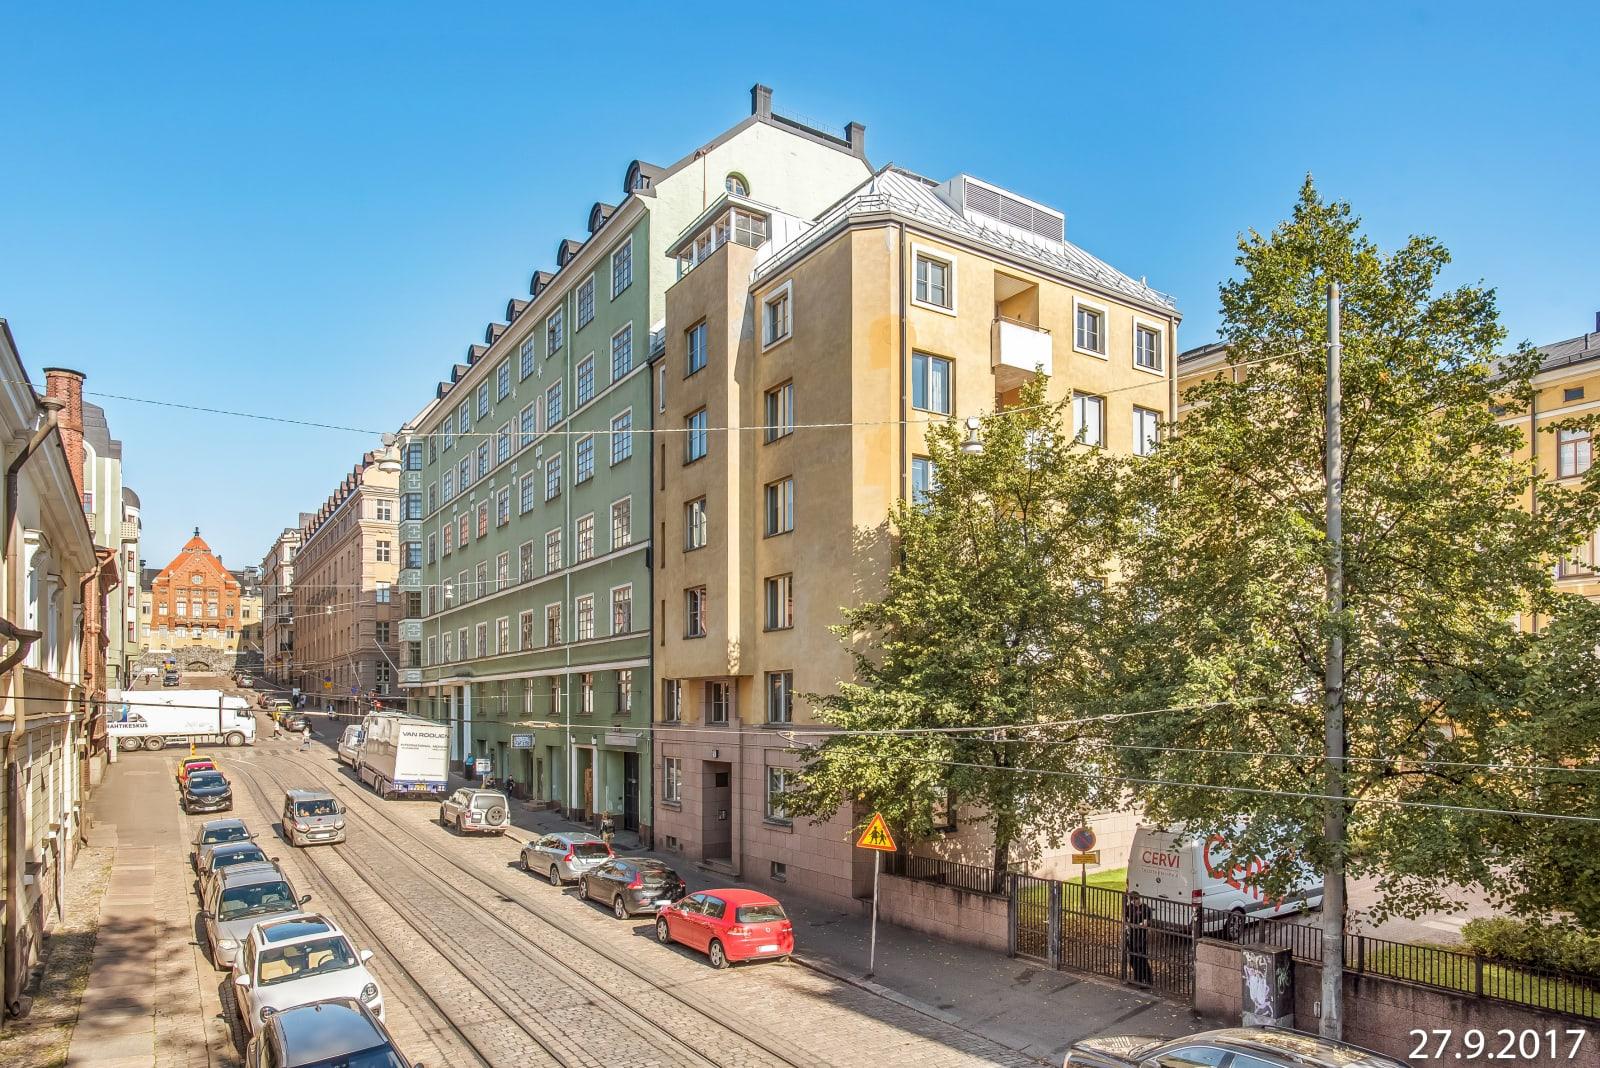 Helsinki, Kruununhaka, Snellmaninkatu 23